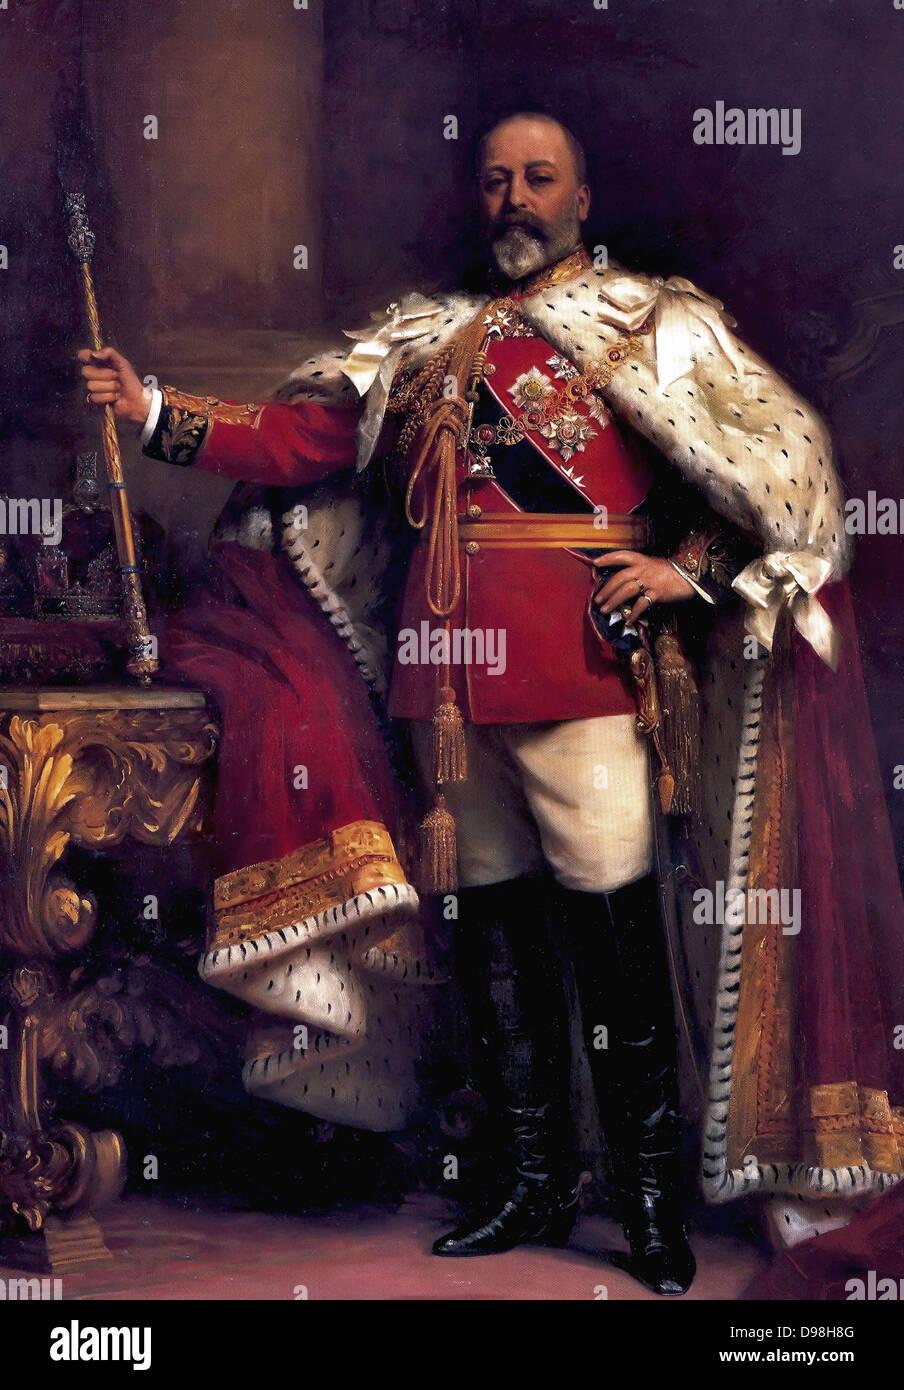 King Edward VII of England reigned 1901-1910 - Stock Image